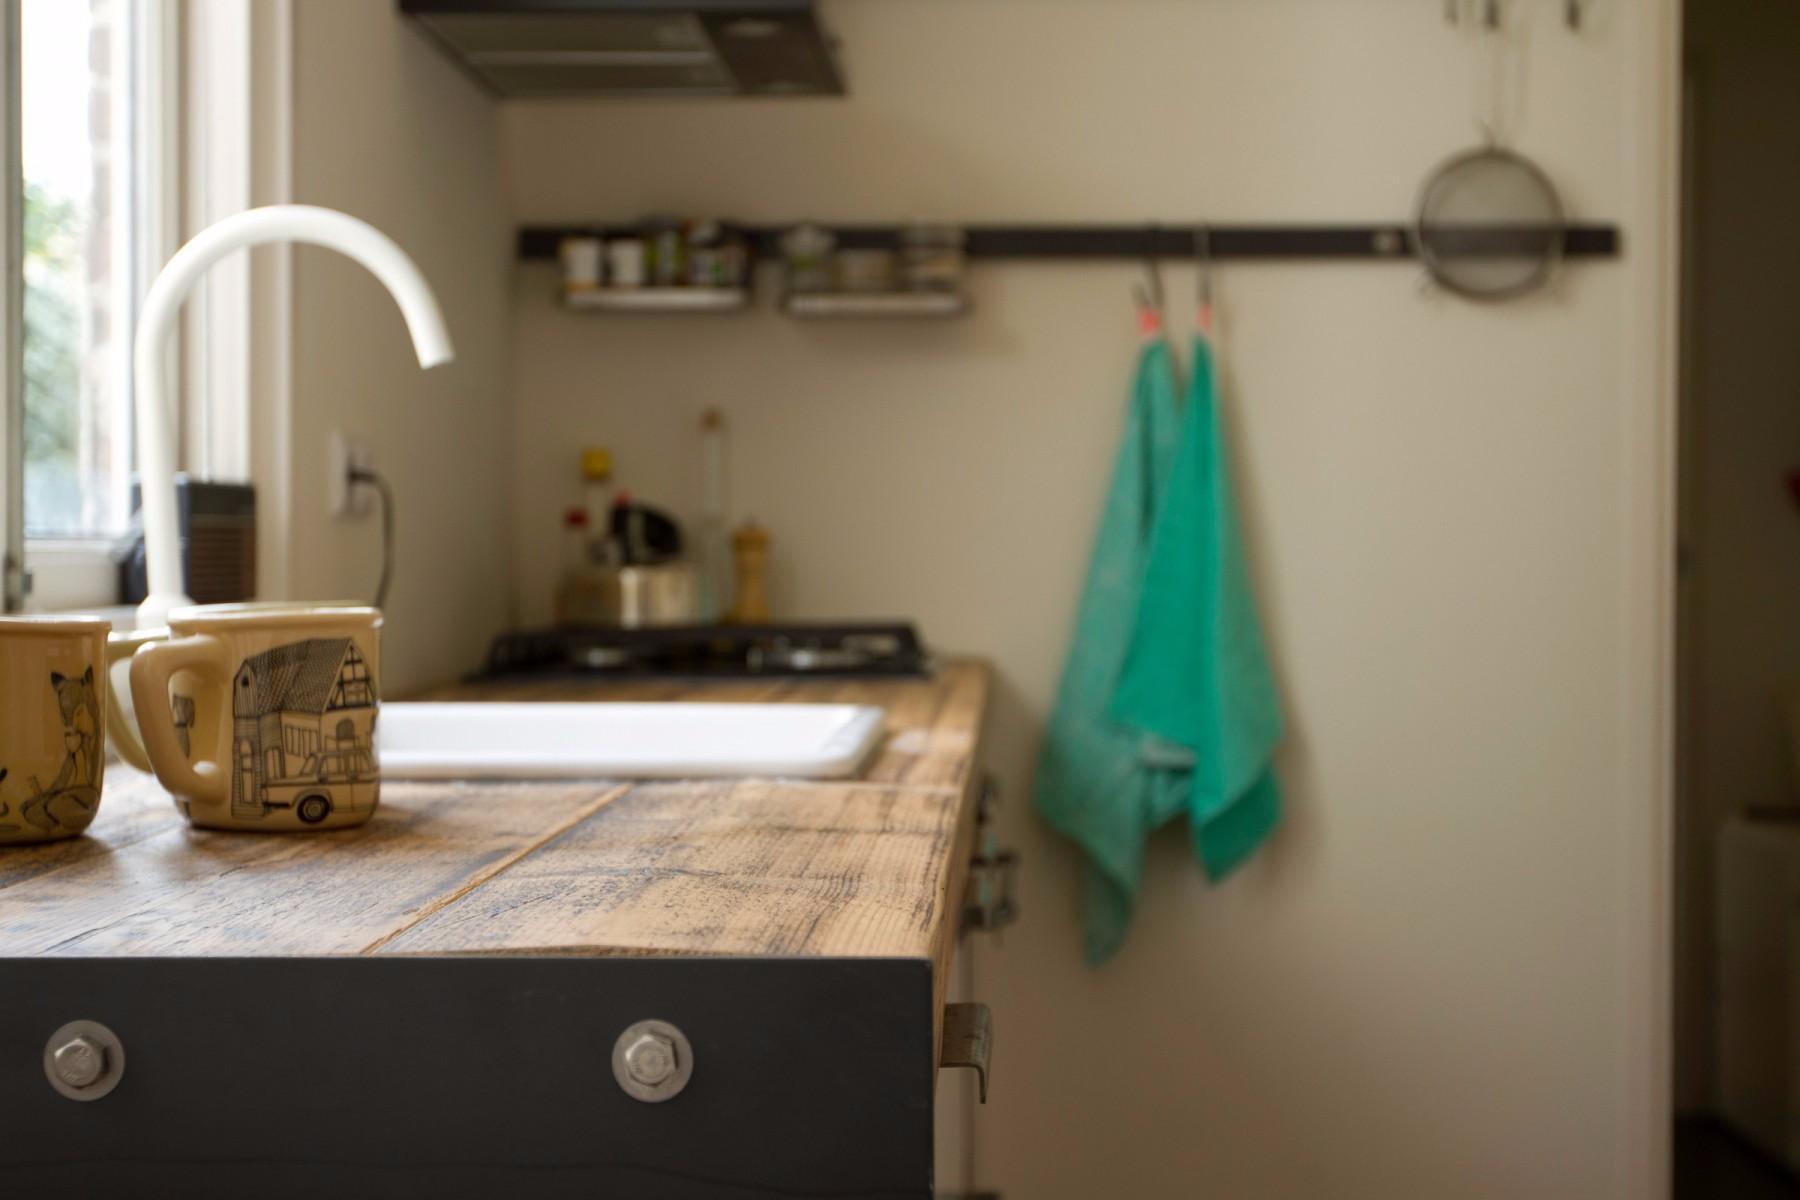 Mooie wastafels voor in de bijkeuken meer keuken